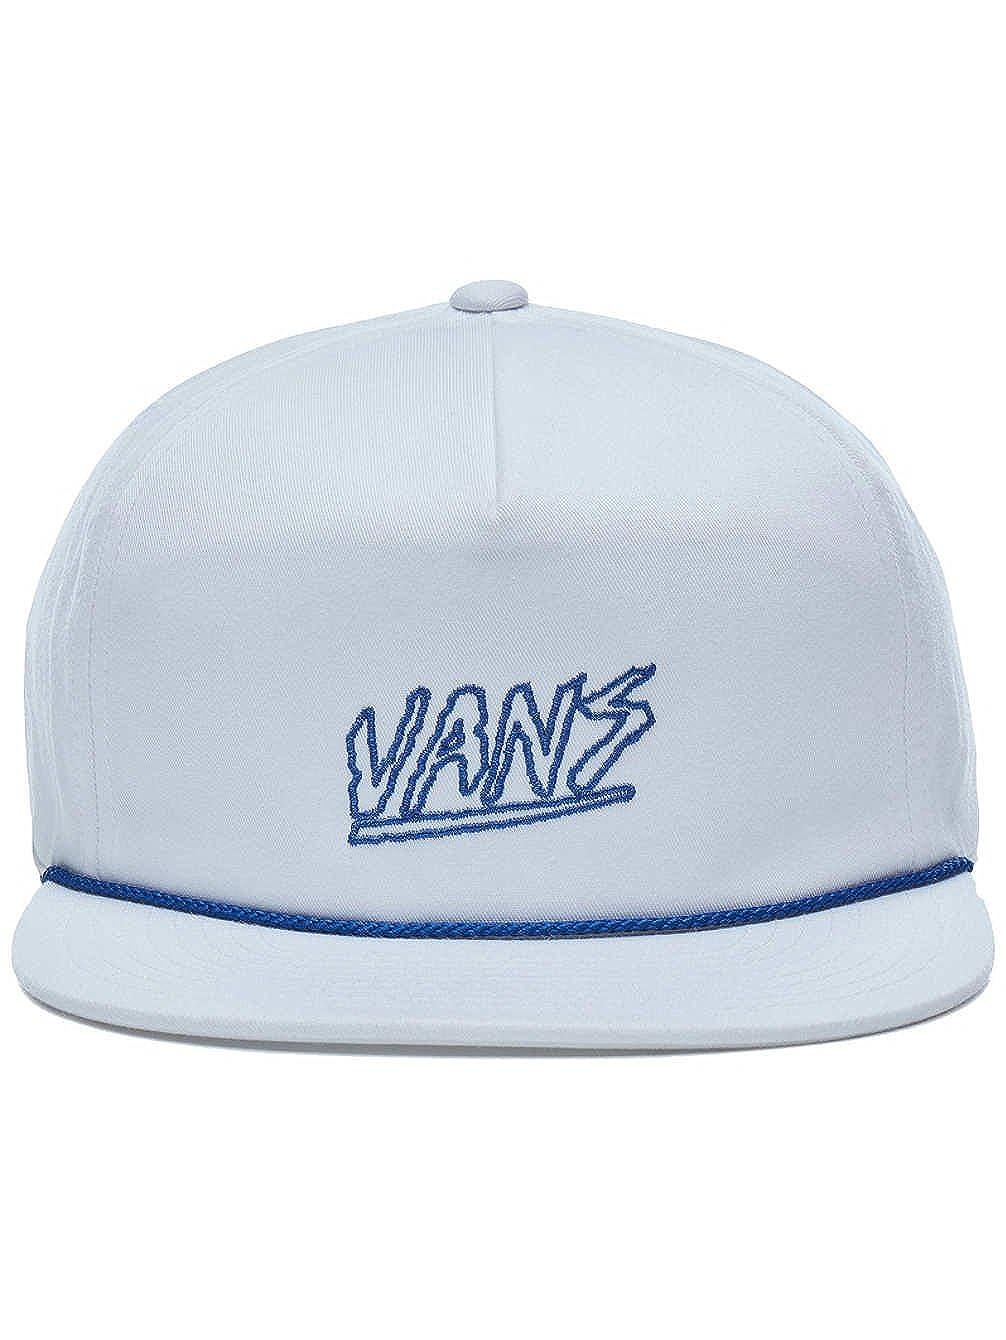 Cap Men Vans Radness Shallow Unstructured Cap  Amazon.co.uk  Clothing 91a078d48878